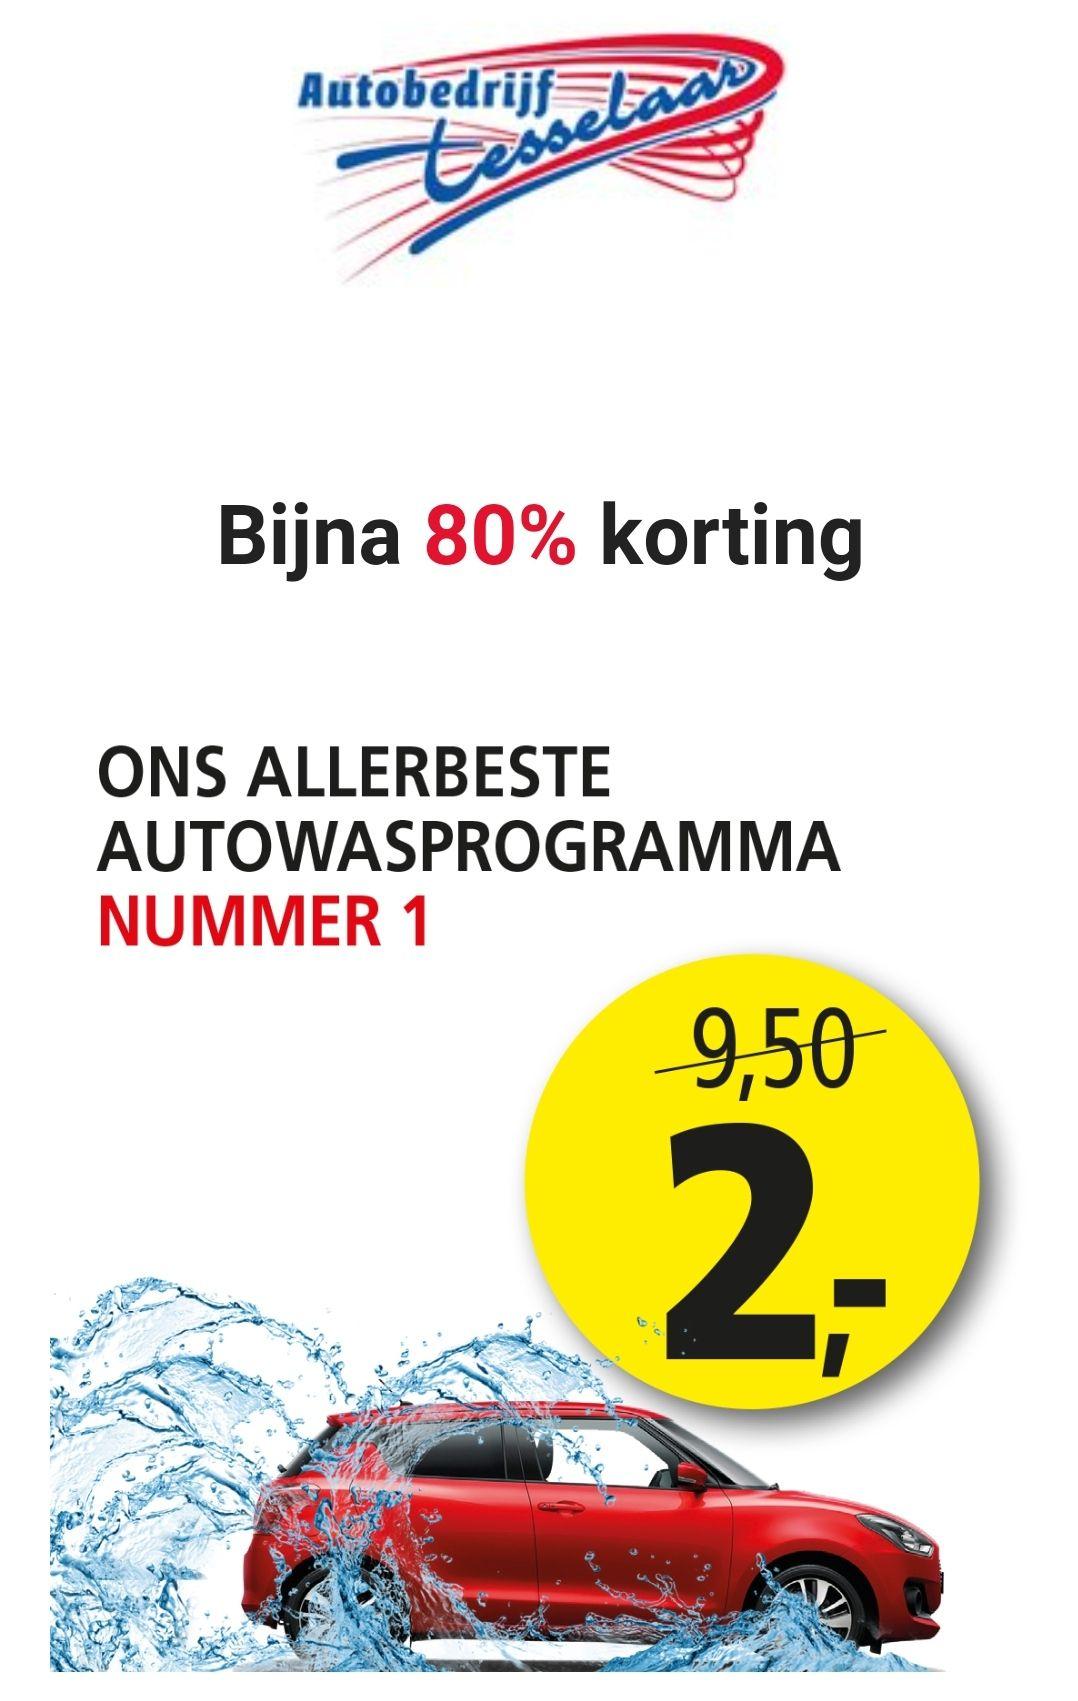 Lokale deal: Alkmaar omgeving. Autowasprogramma voor € 2,-